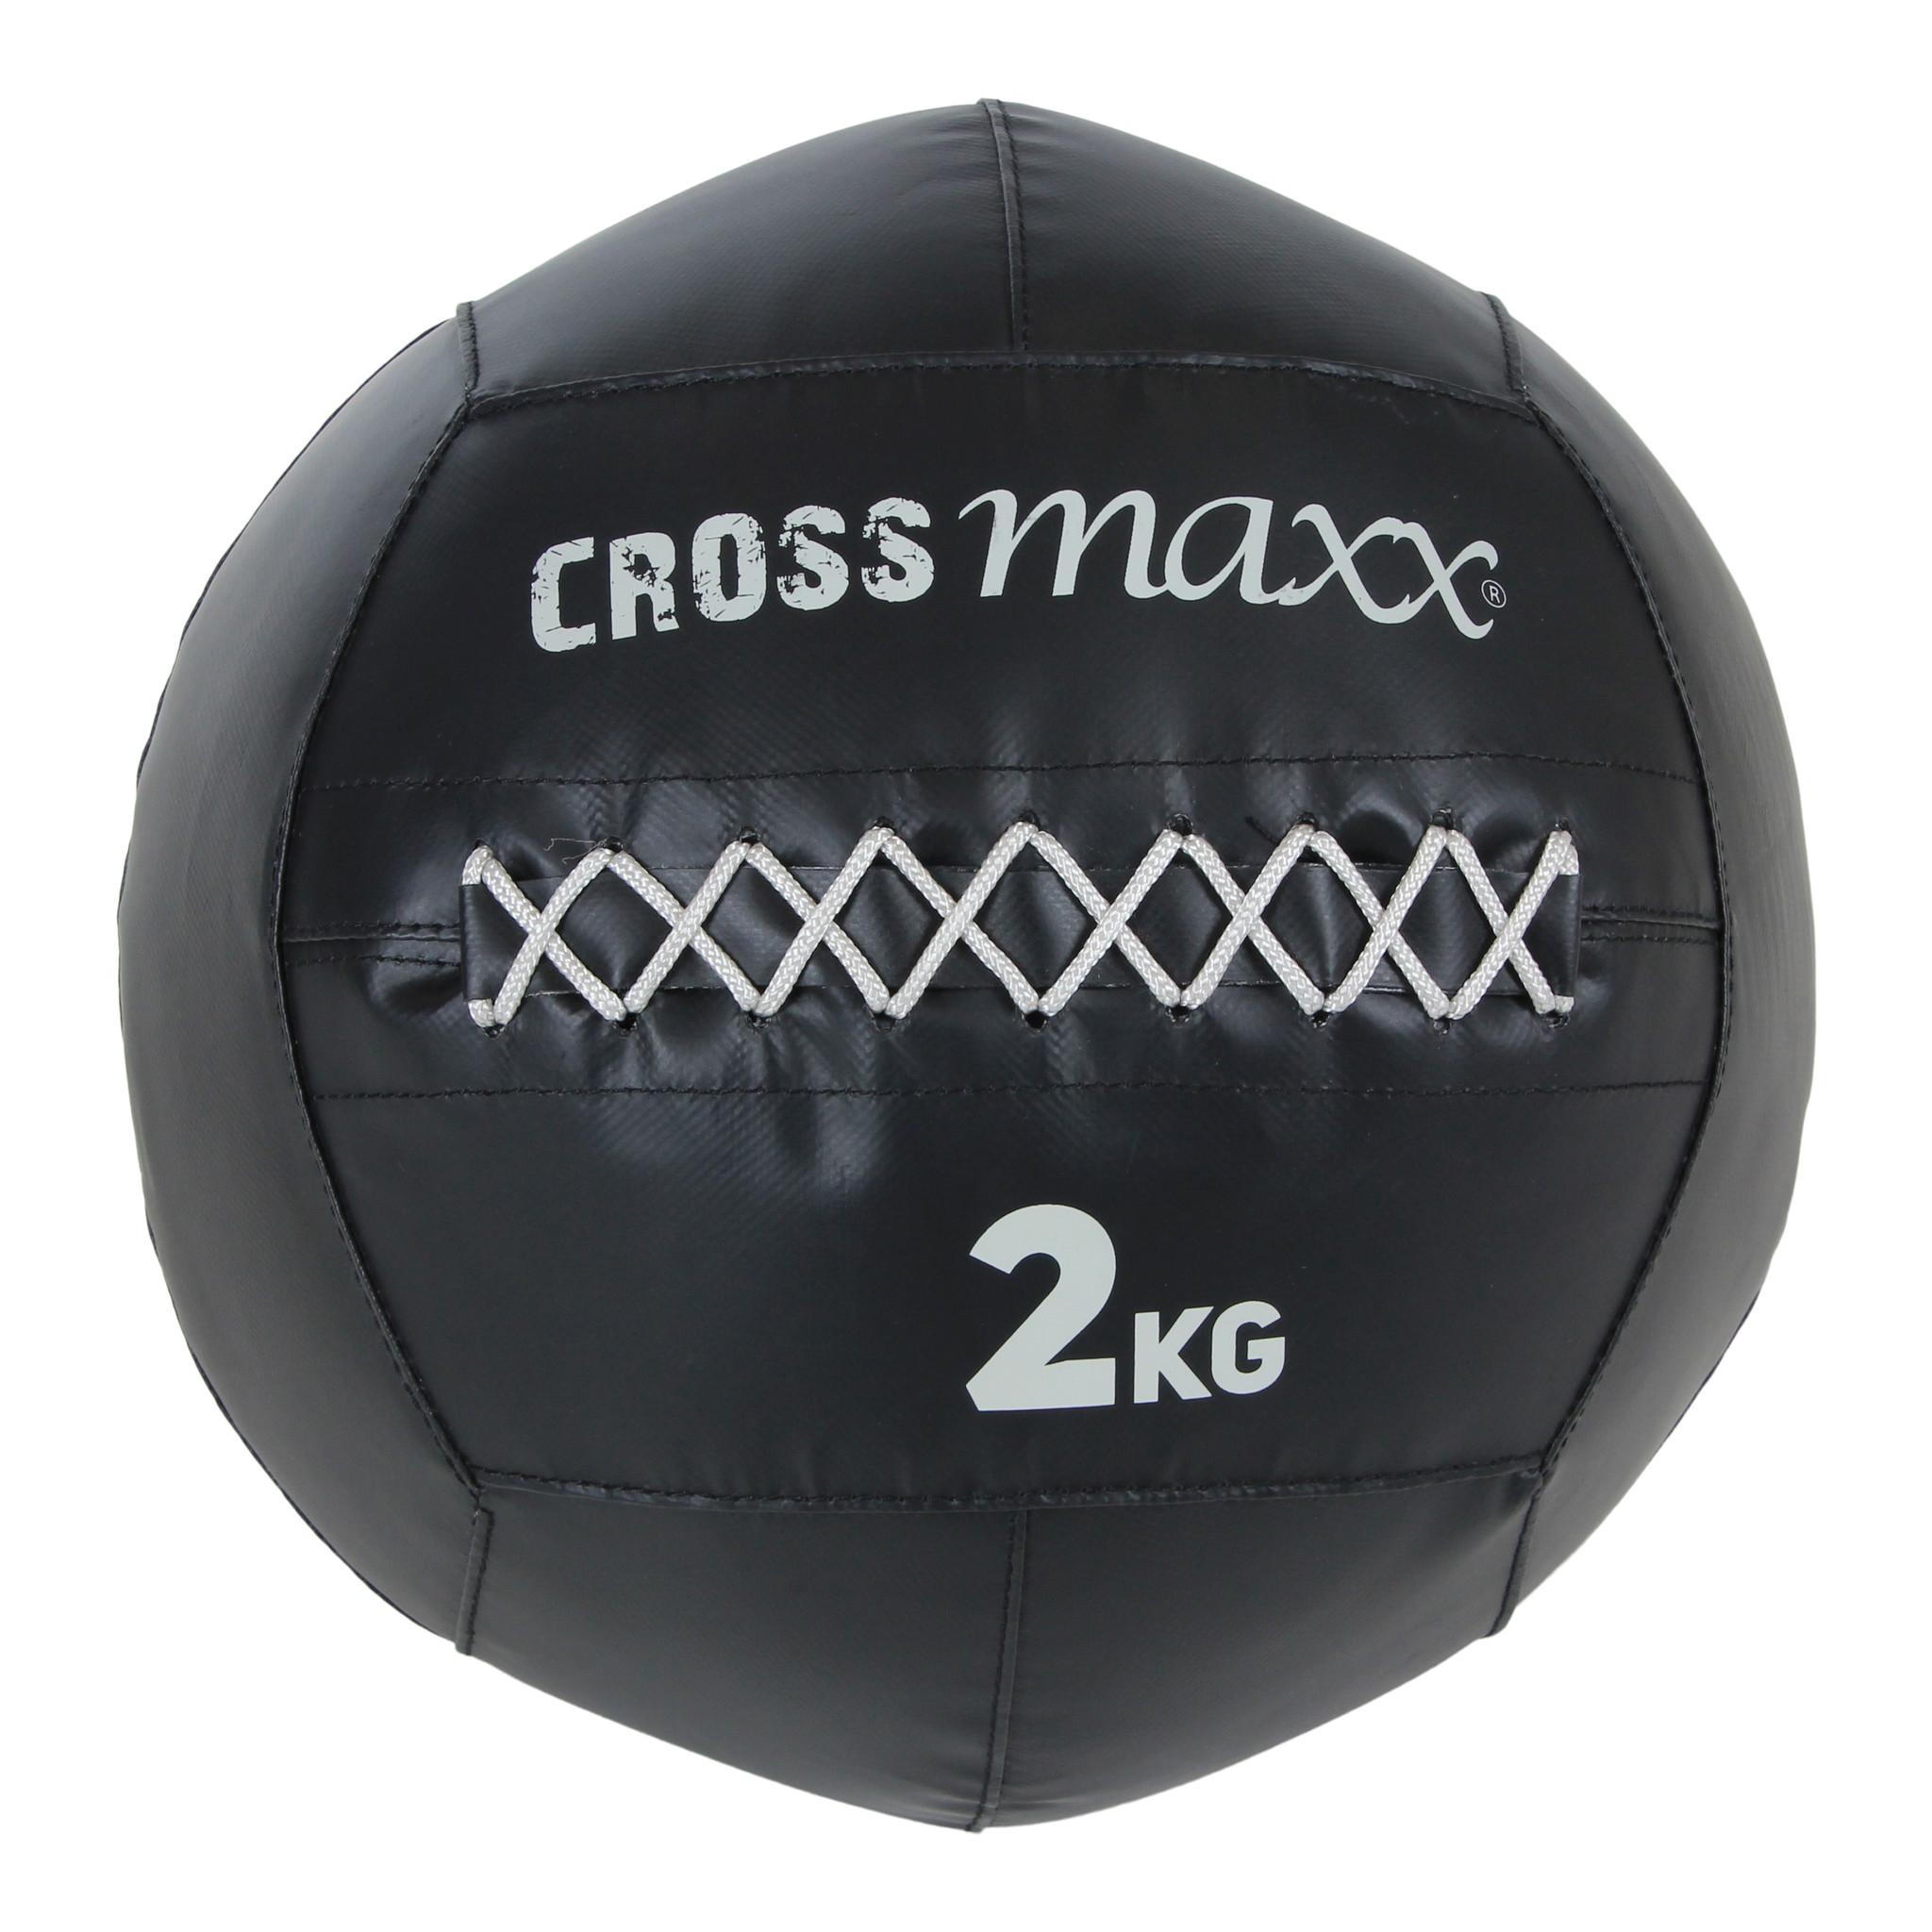 Crossmaxx® LMX1244 Crossmaxx® PRO wall ball (2 - 12kg)